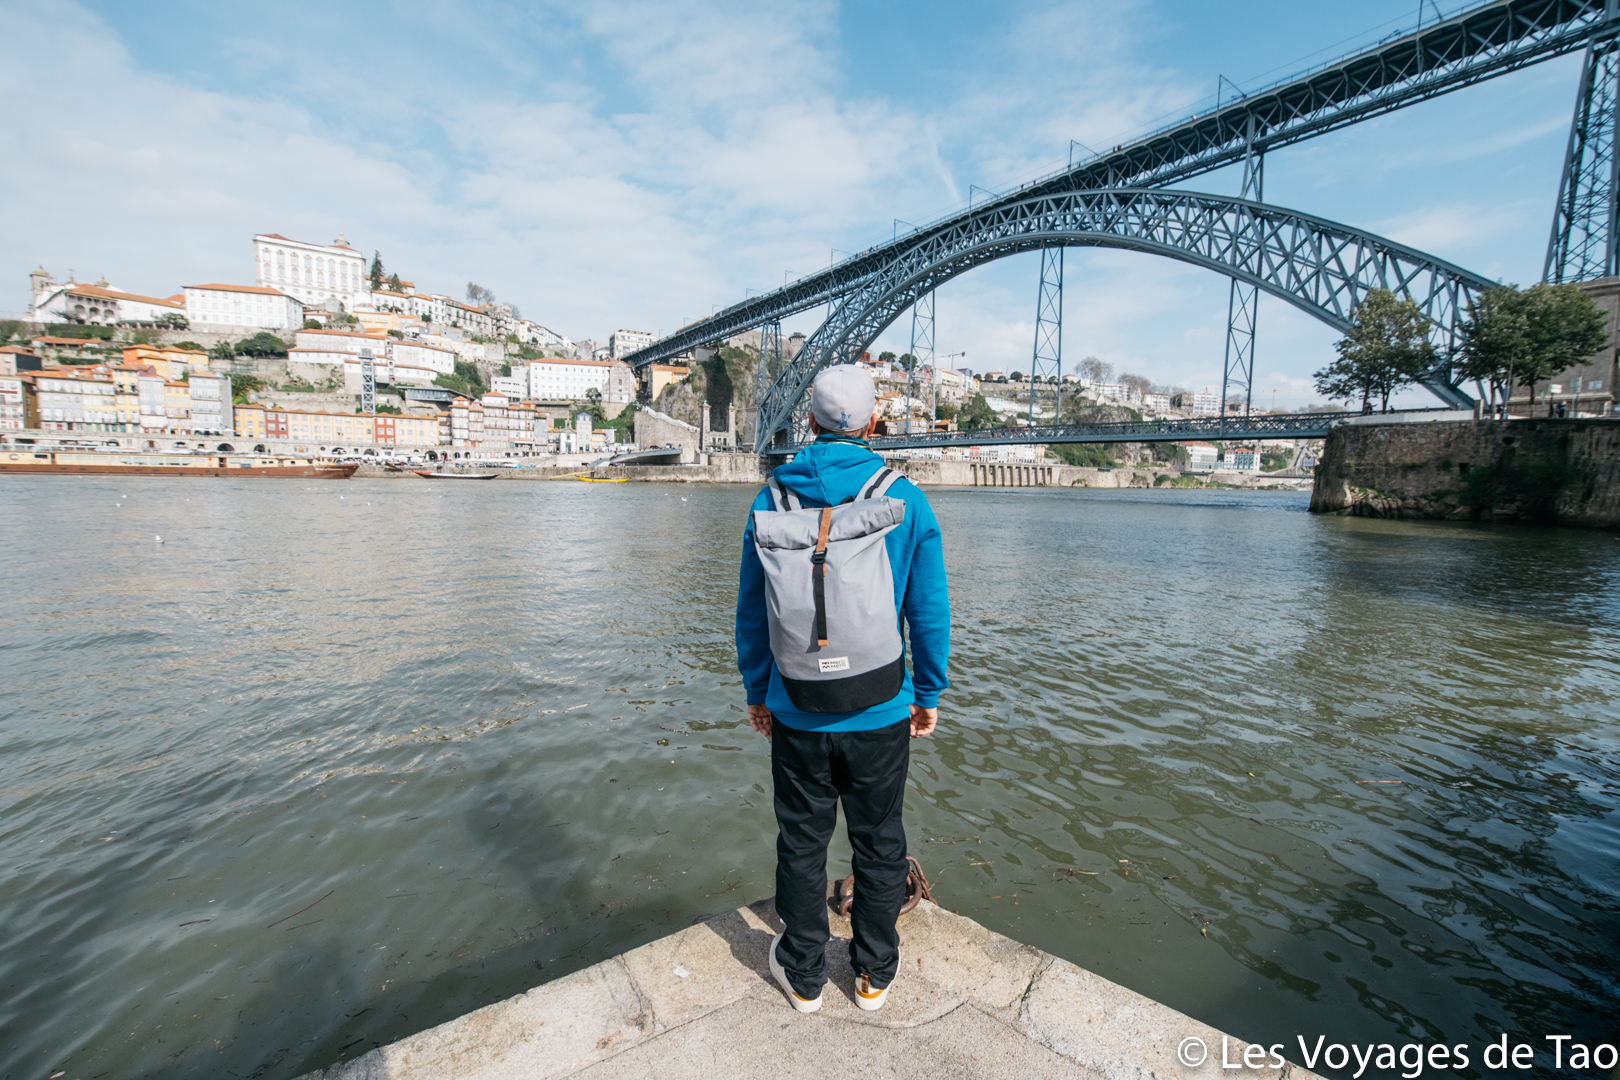 Sac voyage Mero mero à Porto